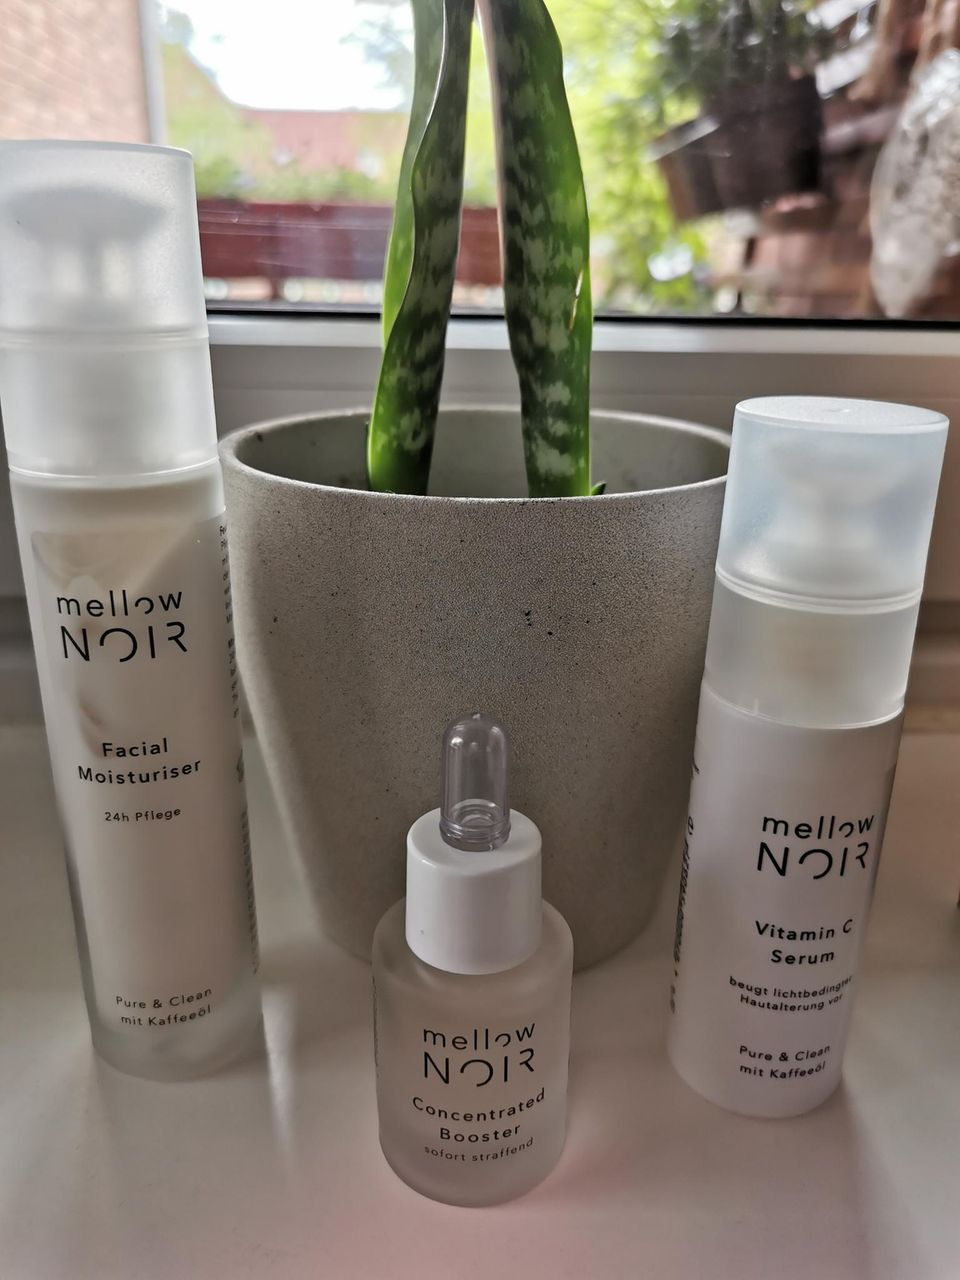 mellow NOIR: zertifzierte Naturkosmetik, Facial Moisturiser, Vitamin C Serum, Concentrated Booster